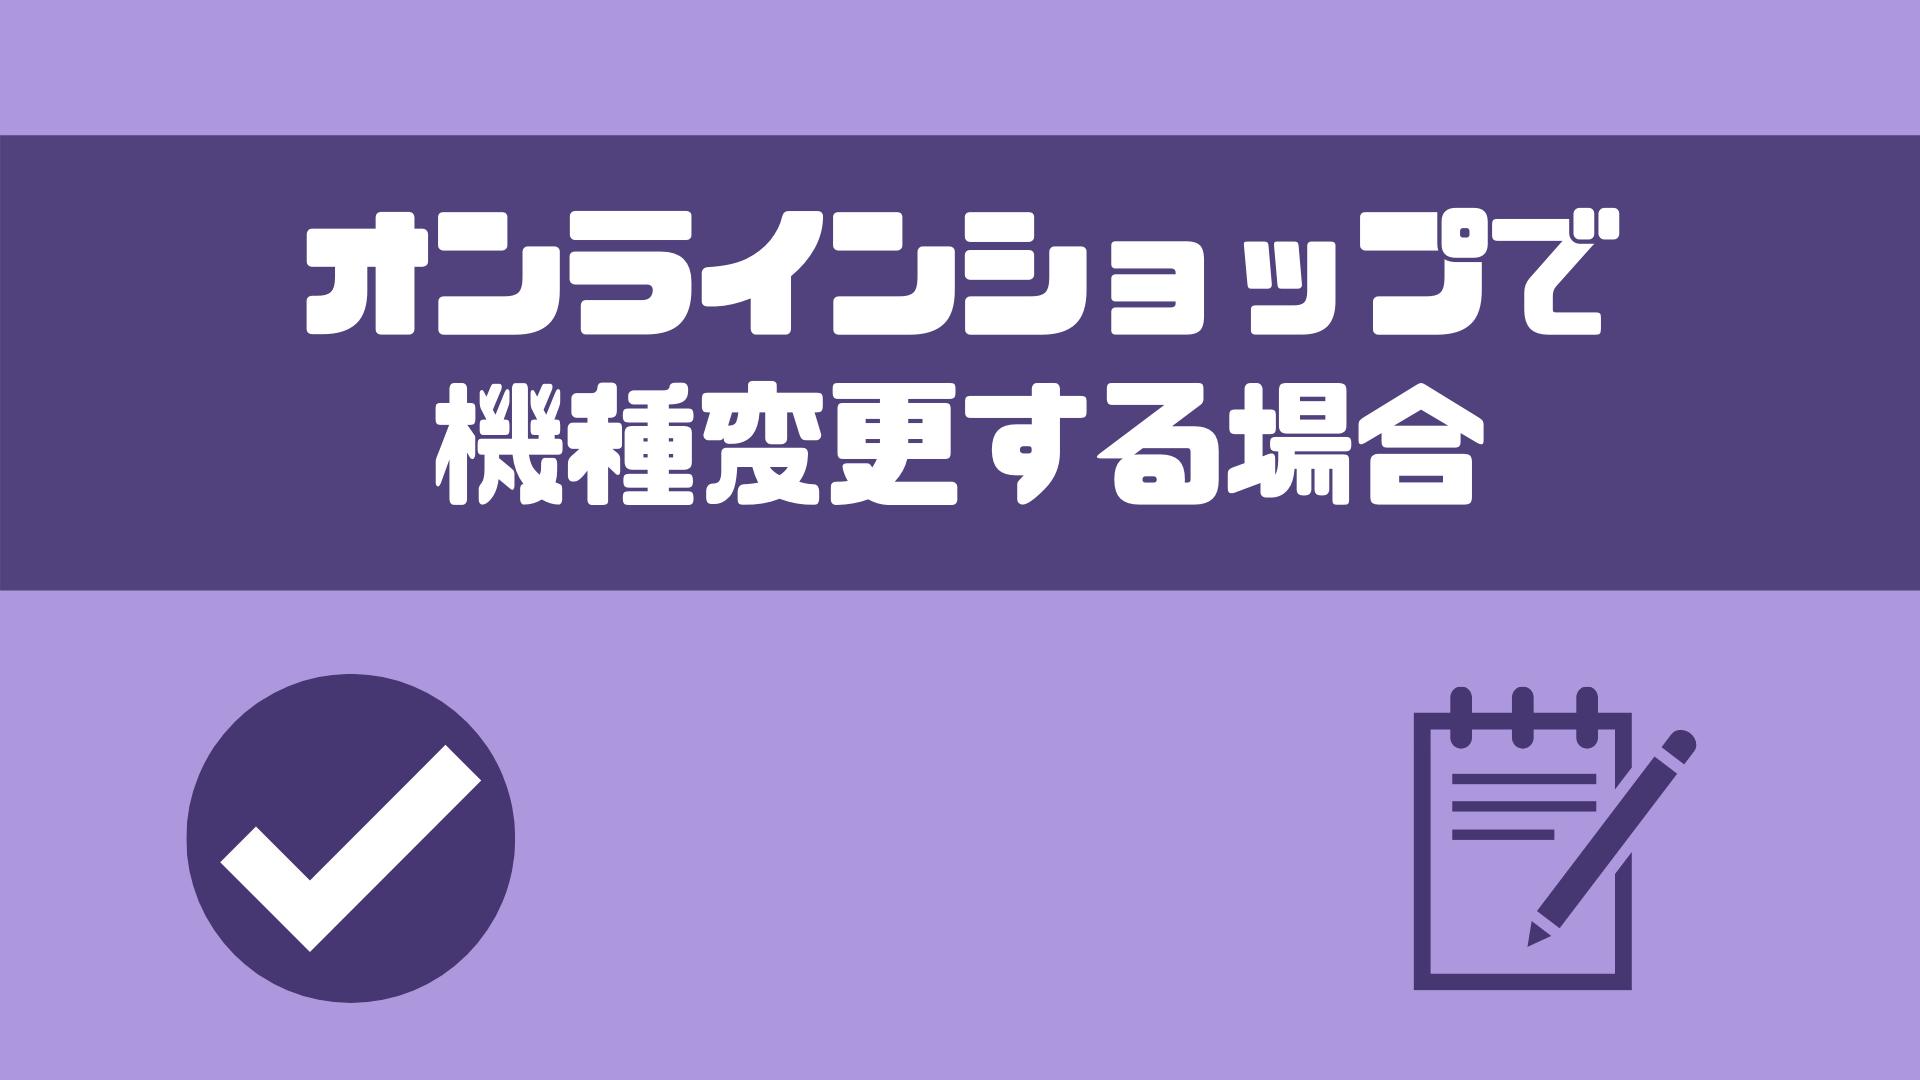 機種変更_オンライン